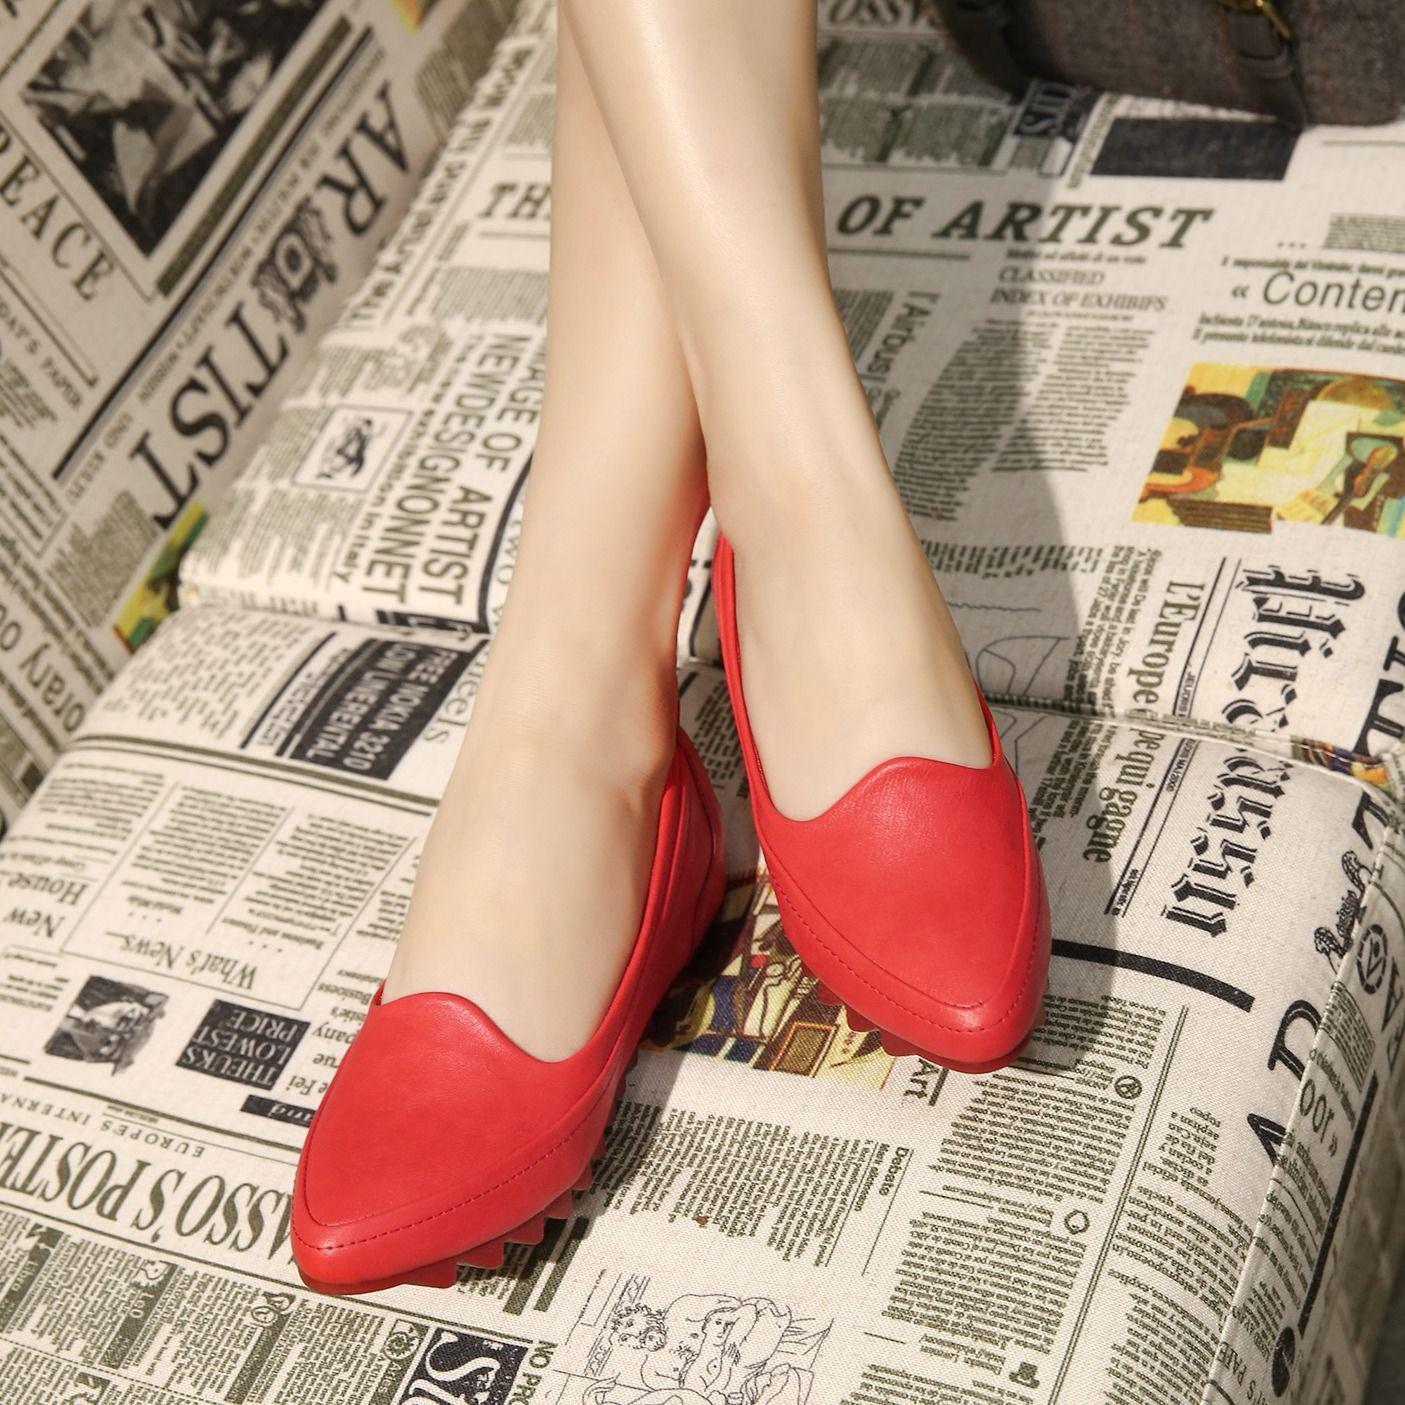 รองเท้าคัชชูส้นเตารีด หลาเล็ก31 32 33ปากตื้นชี้รองเท้าเดียวลิ่มหญิงเพิ่มขึ้น4041รองเท้าPeasรองเท้าทำงานสีดำ Esgh